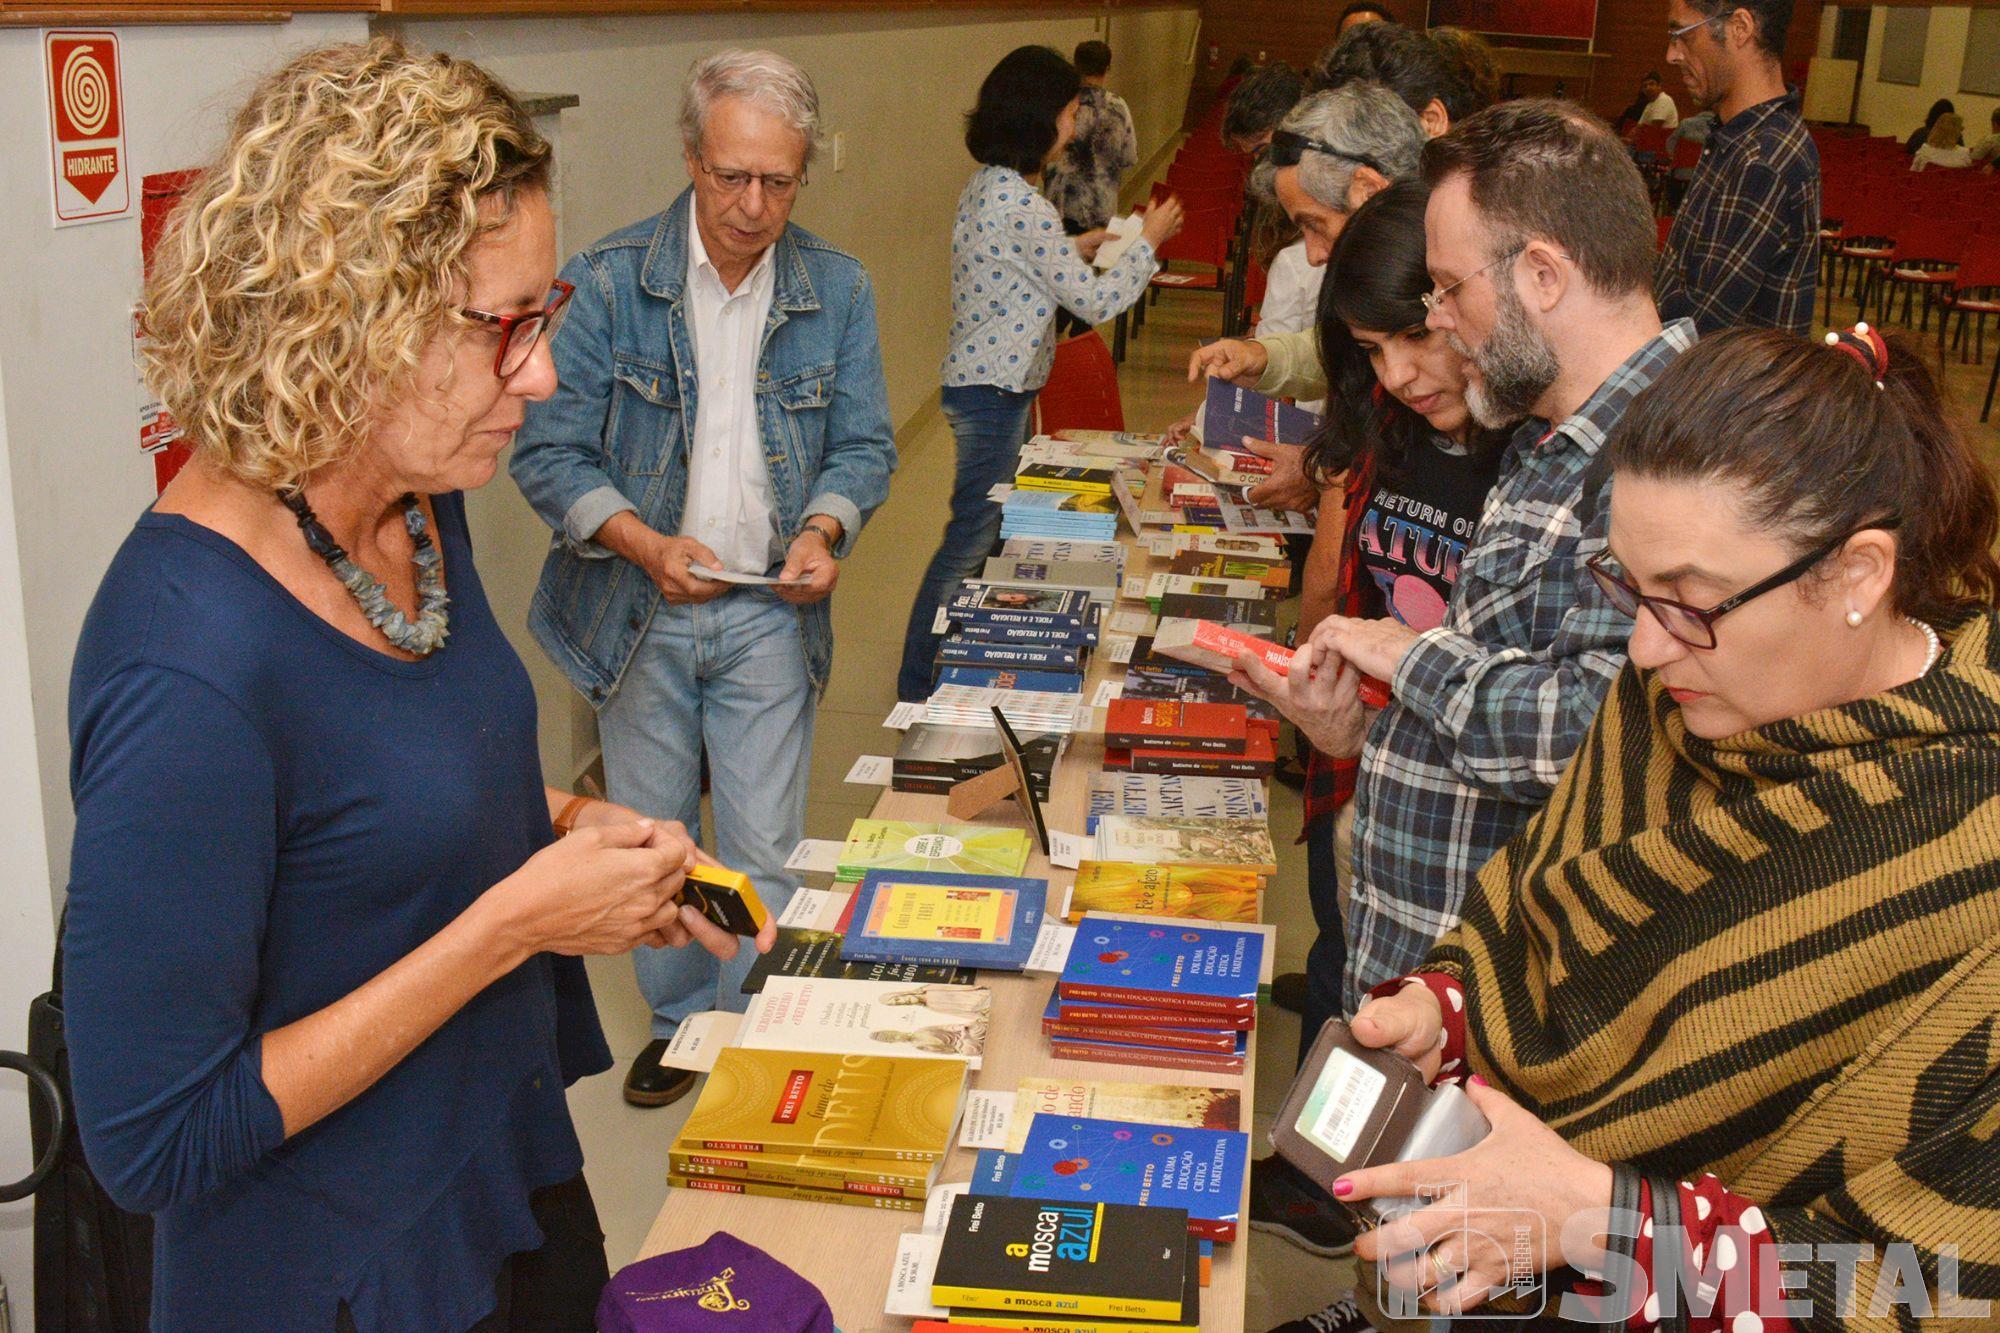 Frei Betto esteve no SMetal para lançar o livro